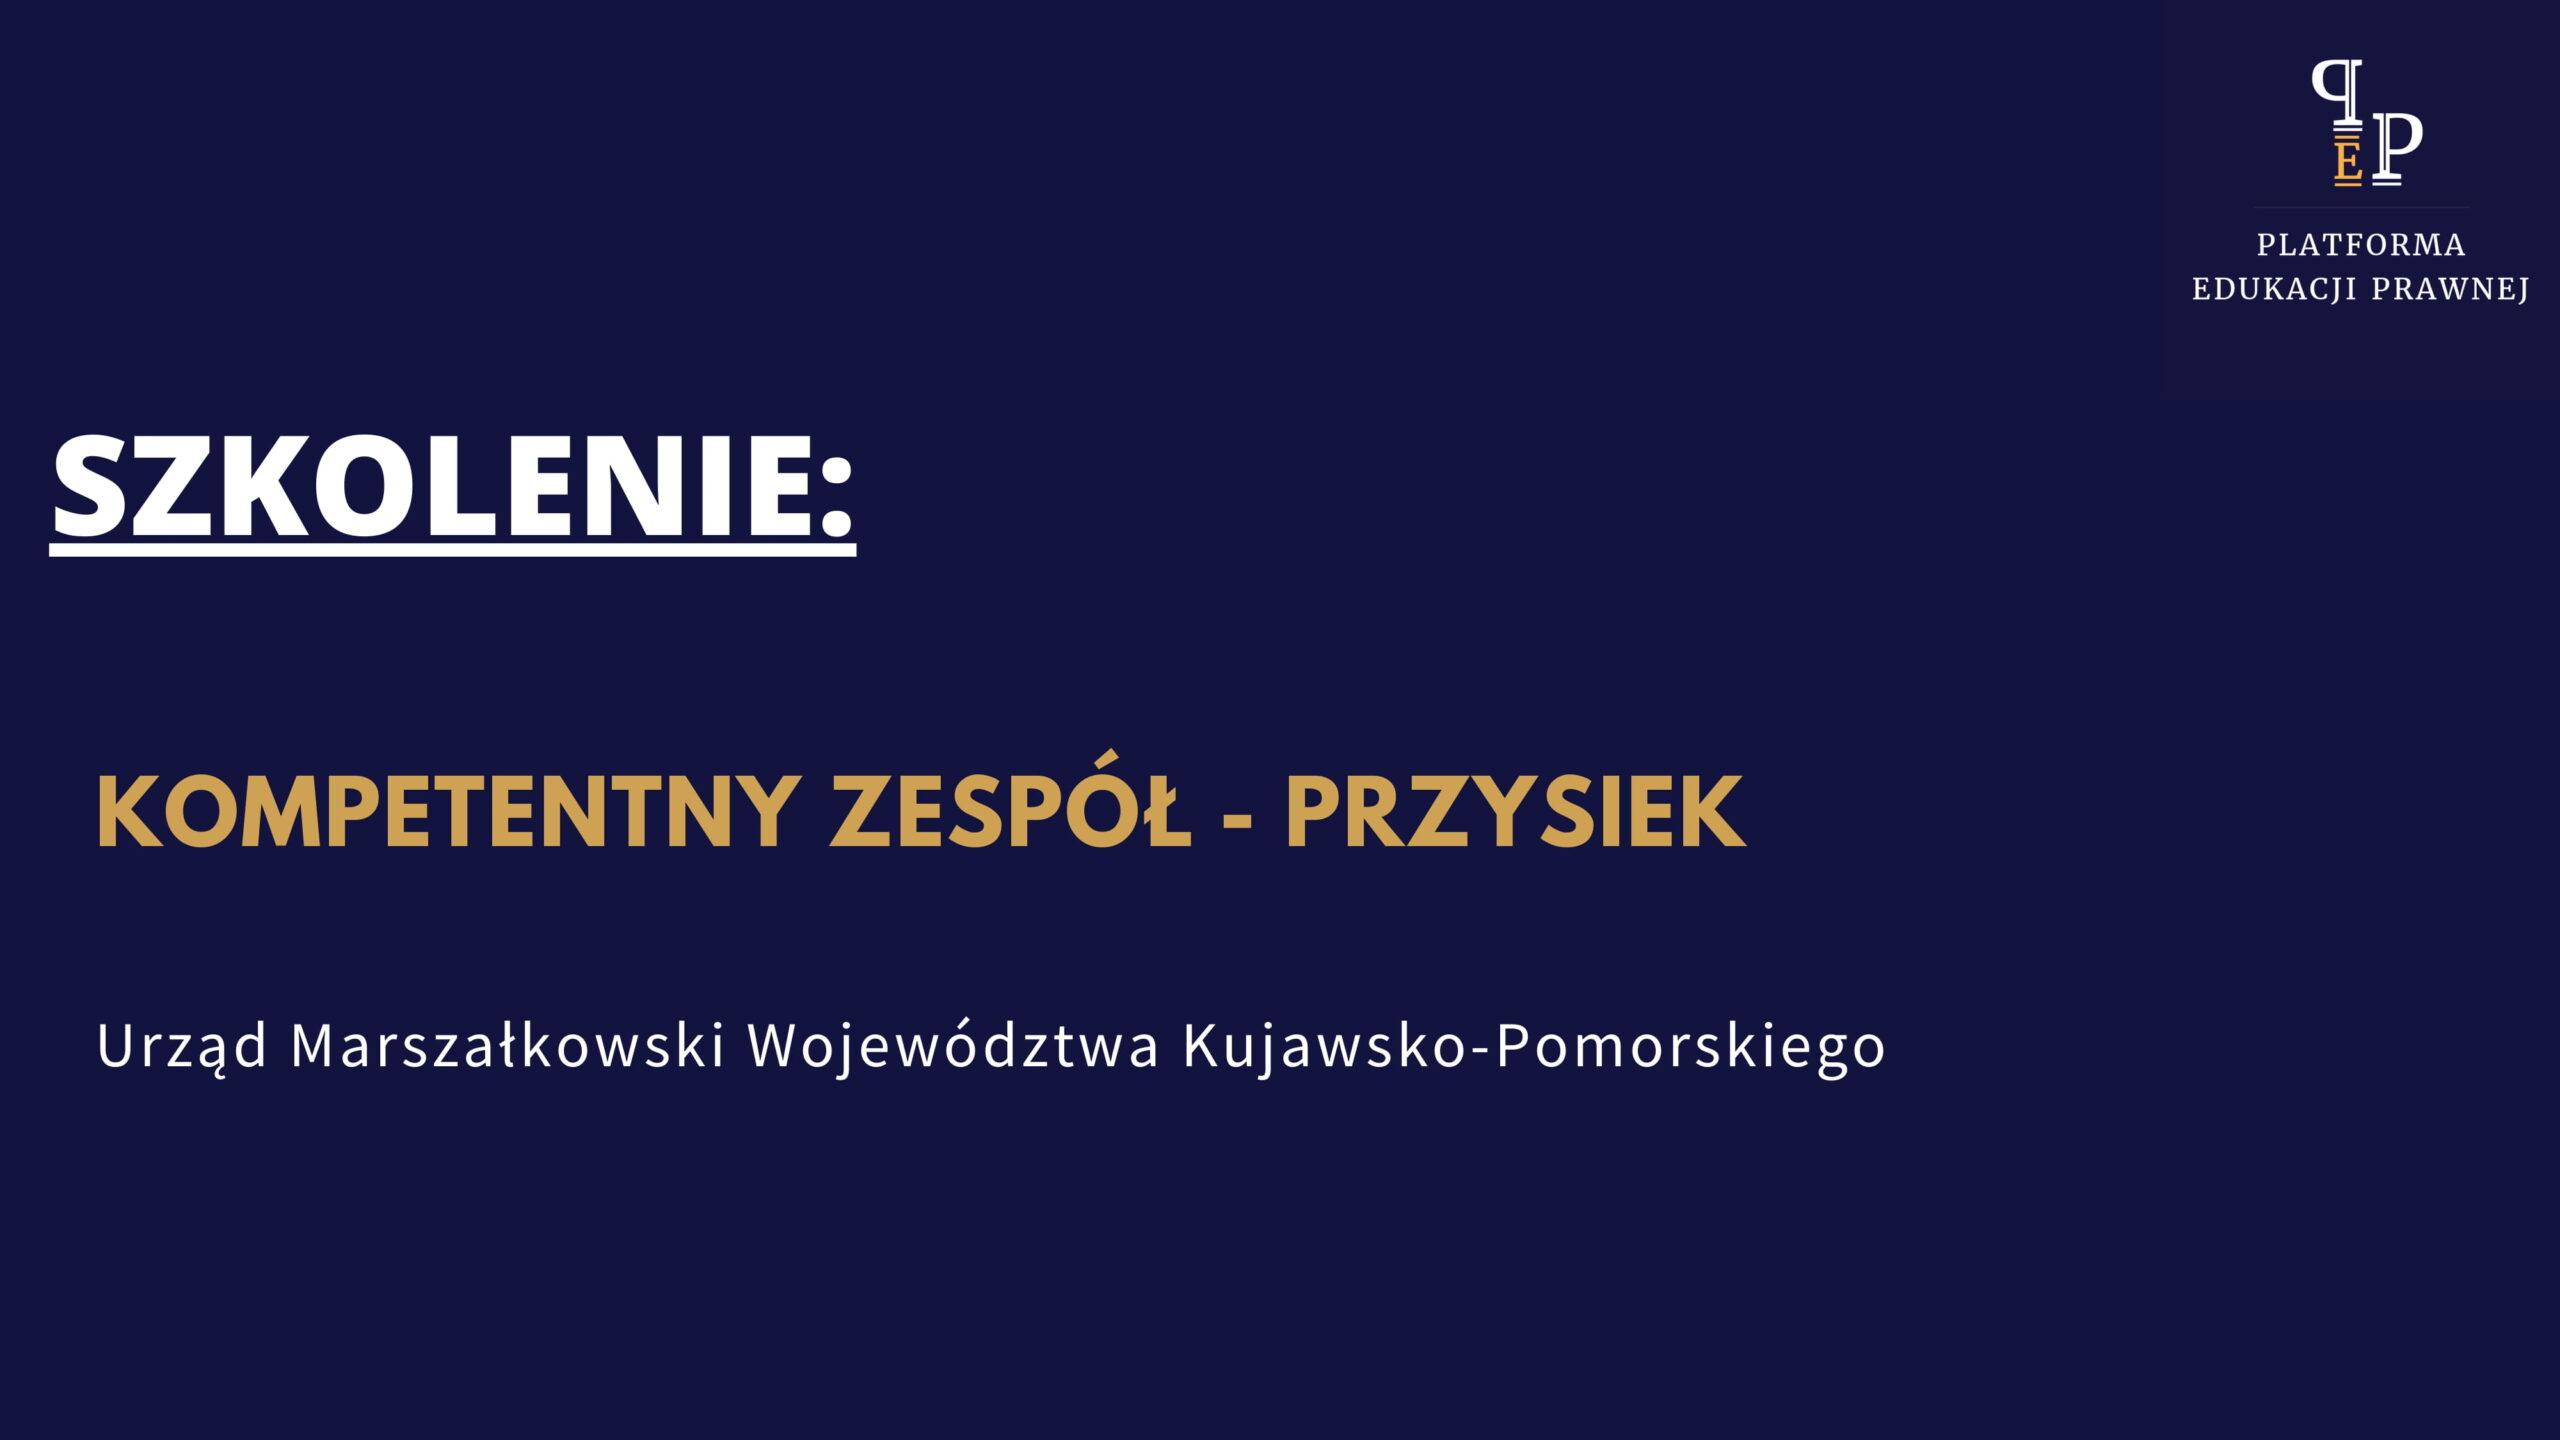 urząd_marszałkowski_województwa_kujawsko_pomorskiego